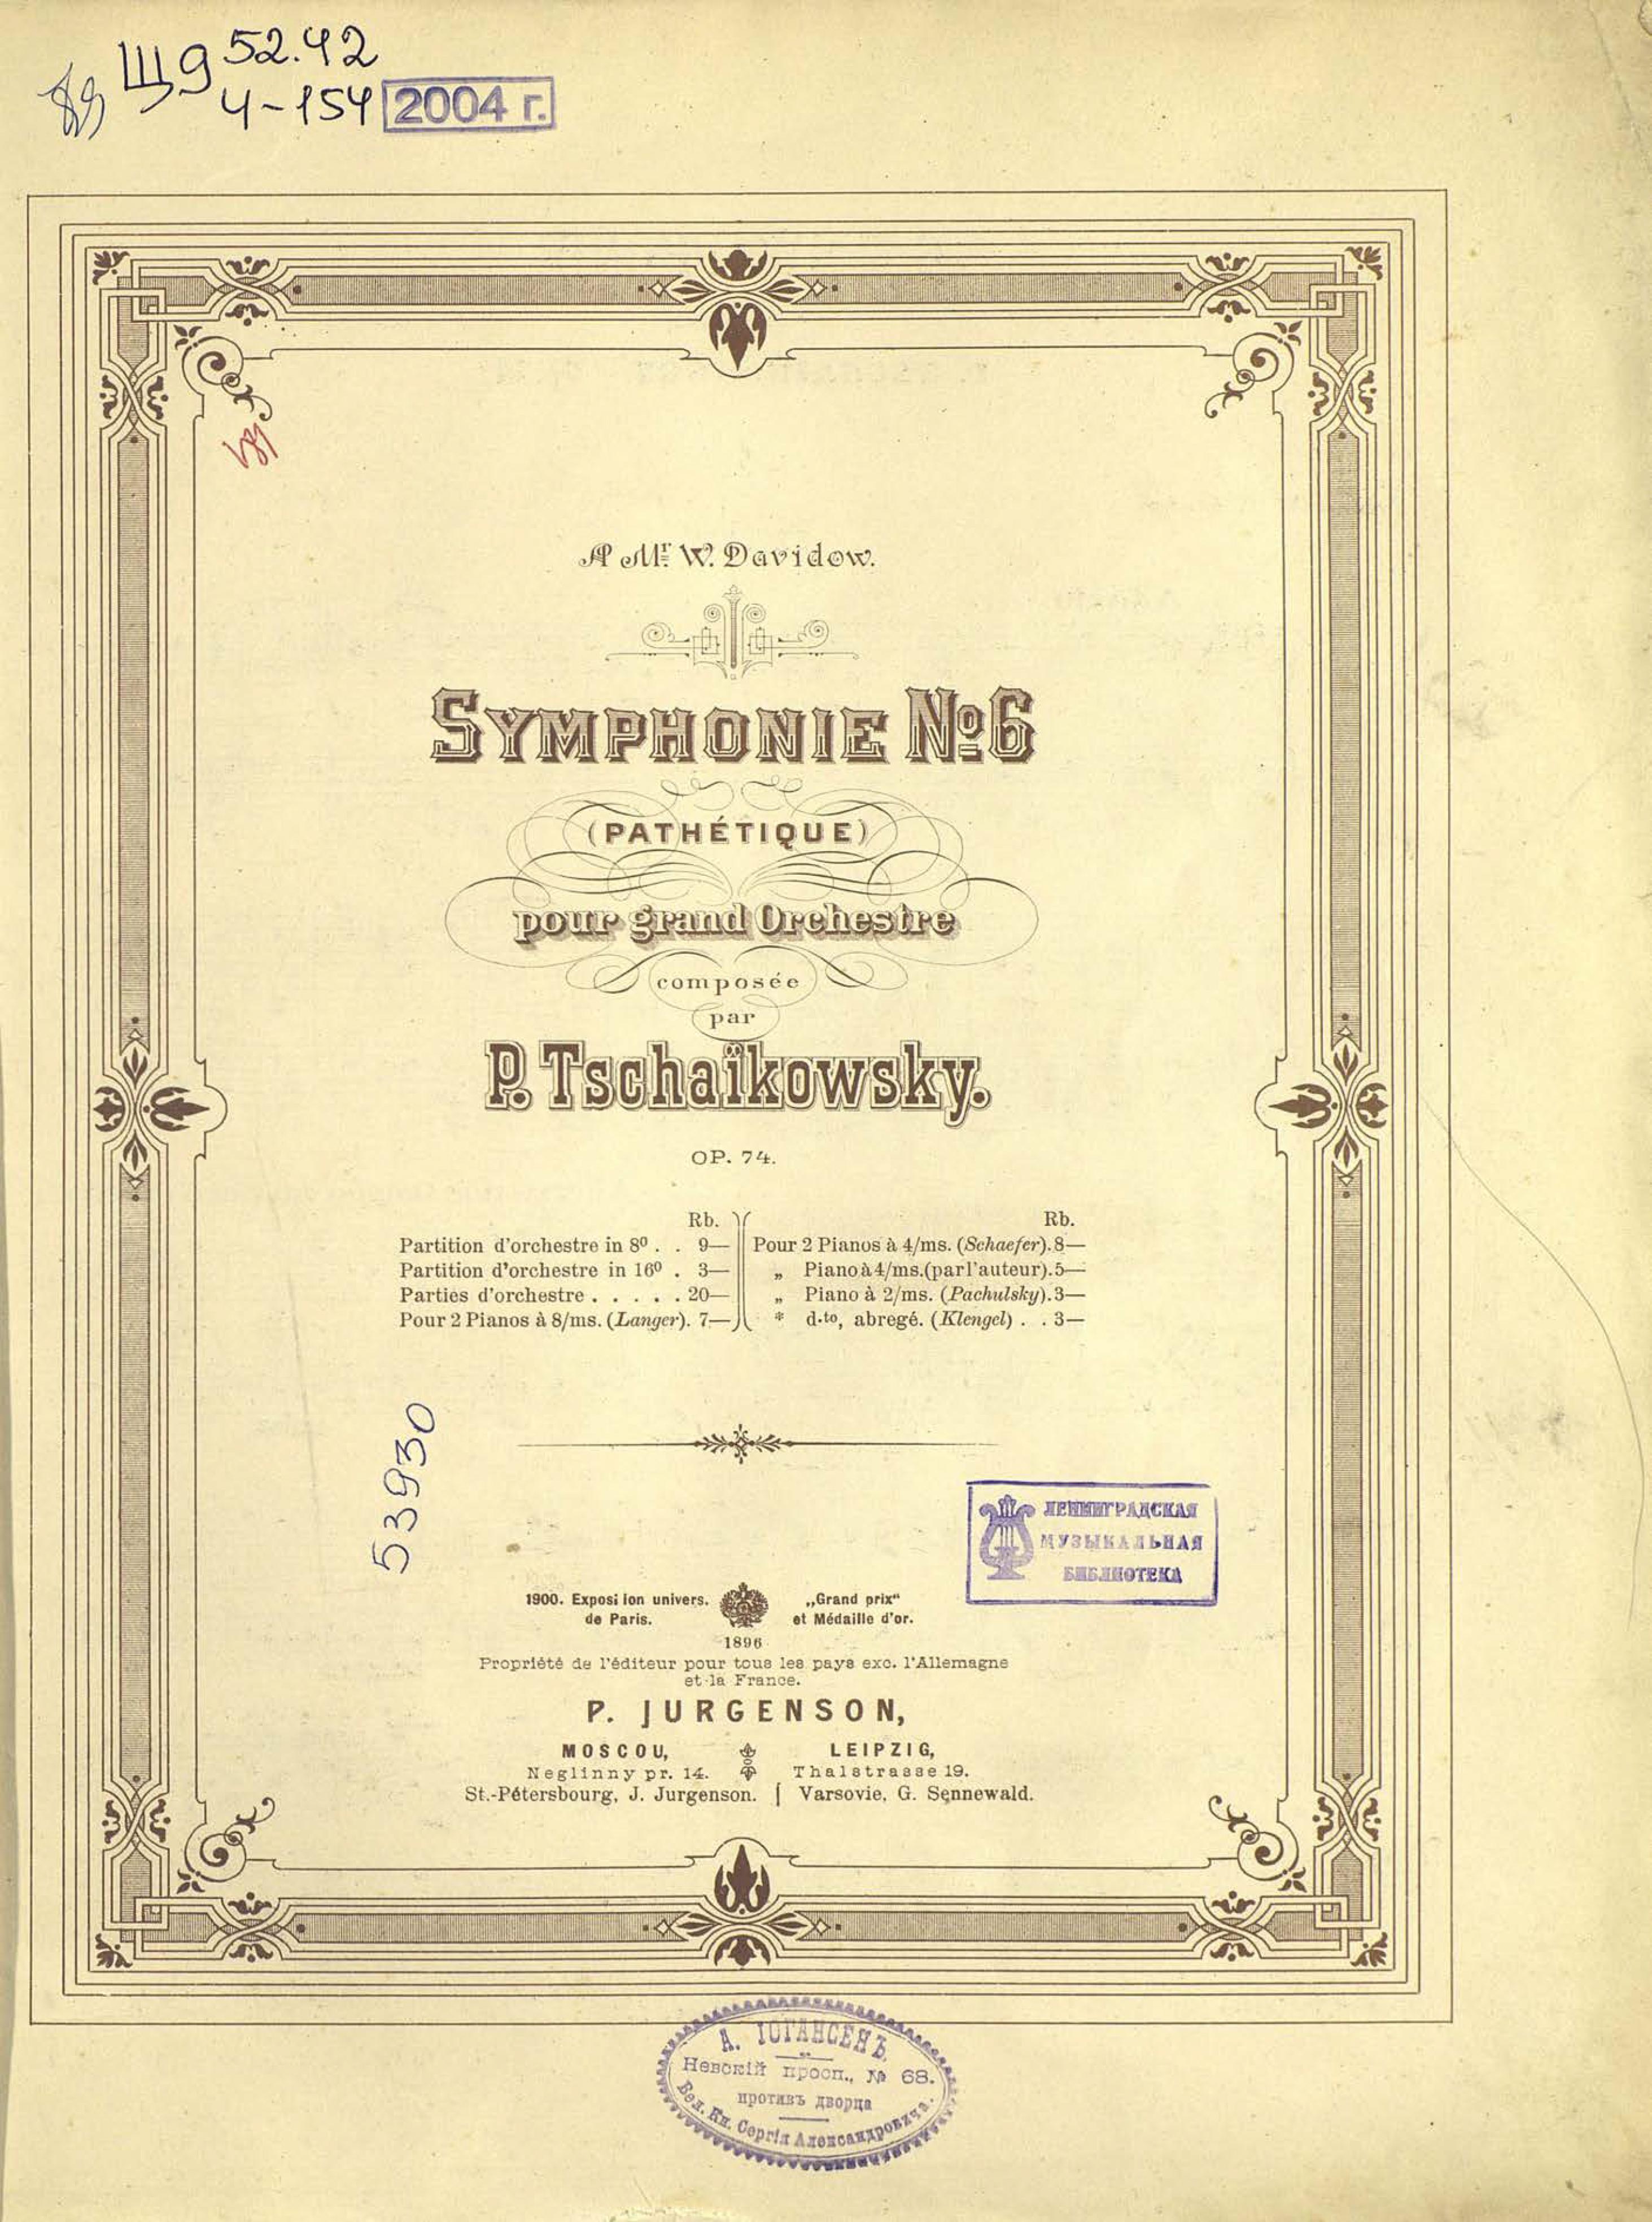 Петр Ильич Чайковский Symphonie № 6 (Pathetique) pour grand orchestre, сomp. par P. Tschaikowsky цена 2017